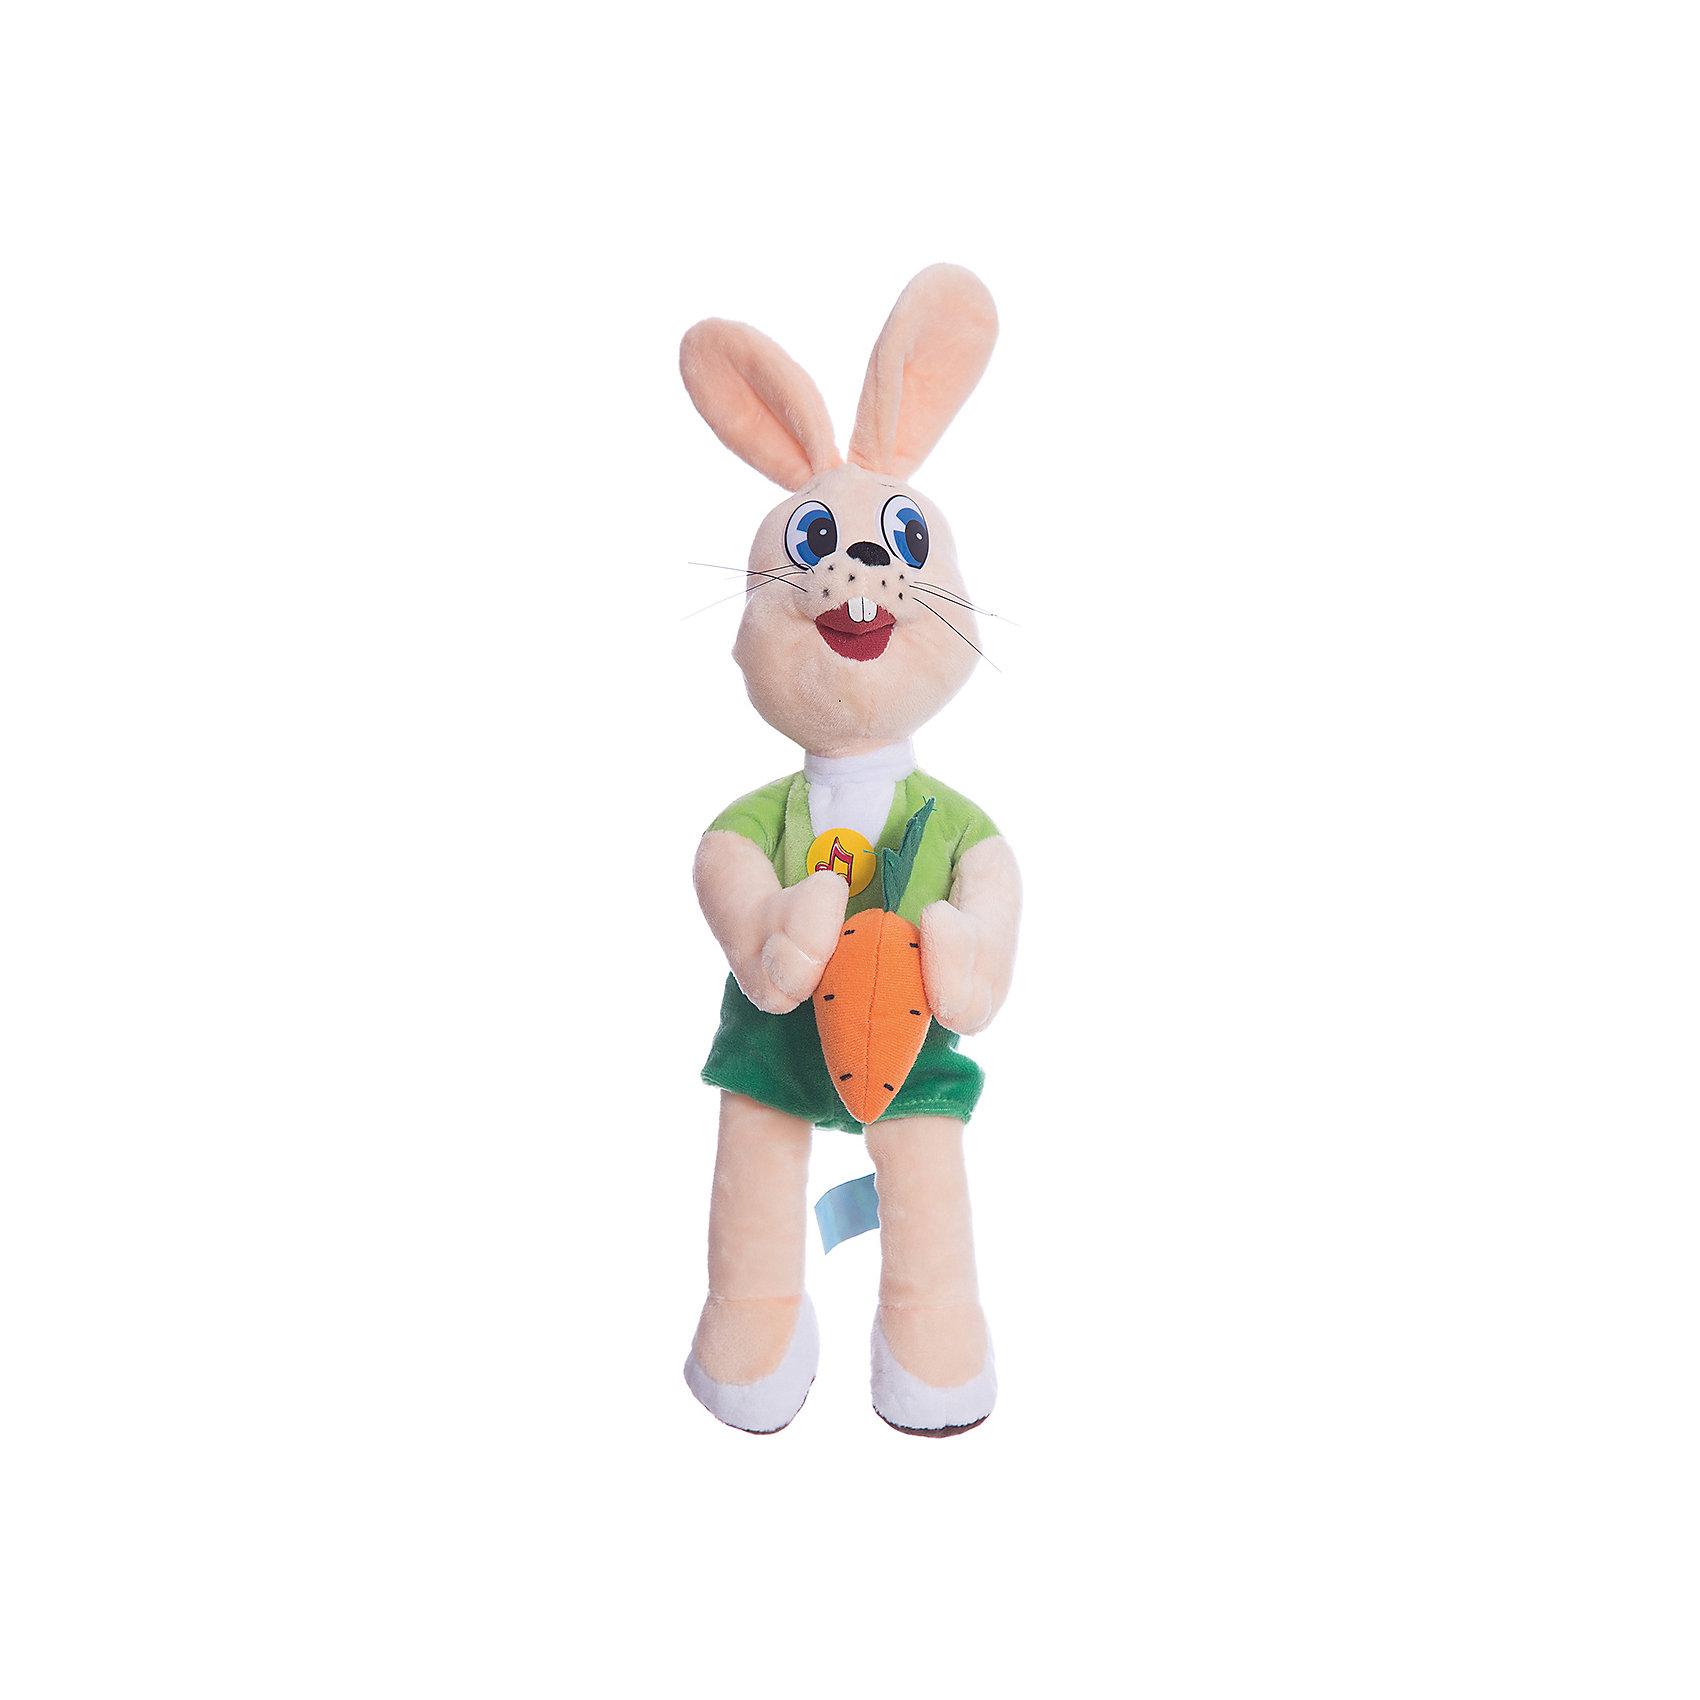 Мягкая игрушка Заяц с морковкой, МУЛЬТИ-ПУЛЬТИЛюбимые герои<br>В коллекции мягких игрушек Мульти-Пульти представлены все известные персонажи детских мультфильмов и сказок и, конечно же, не обошлось без персонажей знаменитого мультика Ну, Погоди!. Ребенок с радостью узнает веселого серого зайчика из знакомого мультика, игрушка очень похожа на свой мультперсонаж и держит в лапке морковку. Зайчик оснащен электронно-звуковым чипом, на который записаны 8 фраз из мультфильма и мелодия Ну, Погоди!<br><br>Дополнительная информация:<br><br>- Материал: плюш, синтепон.<br>- Требуются батарейки: 3 * LR44 (входят в комплект).<br>- Размер игрушки: 33 см.<br><br>Мягкую игрушку Зайчик с морковкой из Ну, Погоди! можно приобрести в нашем интернет-магазине.<br><br>Ширина мм: 15<br>Глубина мм: 37<br>Высота мм: 23<br>Вес г: 280<br>Возраст от месяцев: 36<br>Возраст до месяцев: 1188<br>Пол: Унисекс<br>Возраст: Детский<br>SKU: 2240376